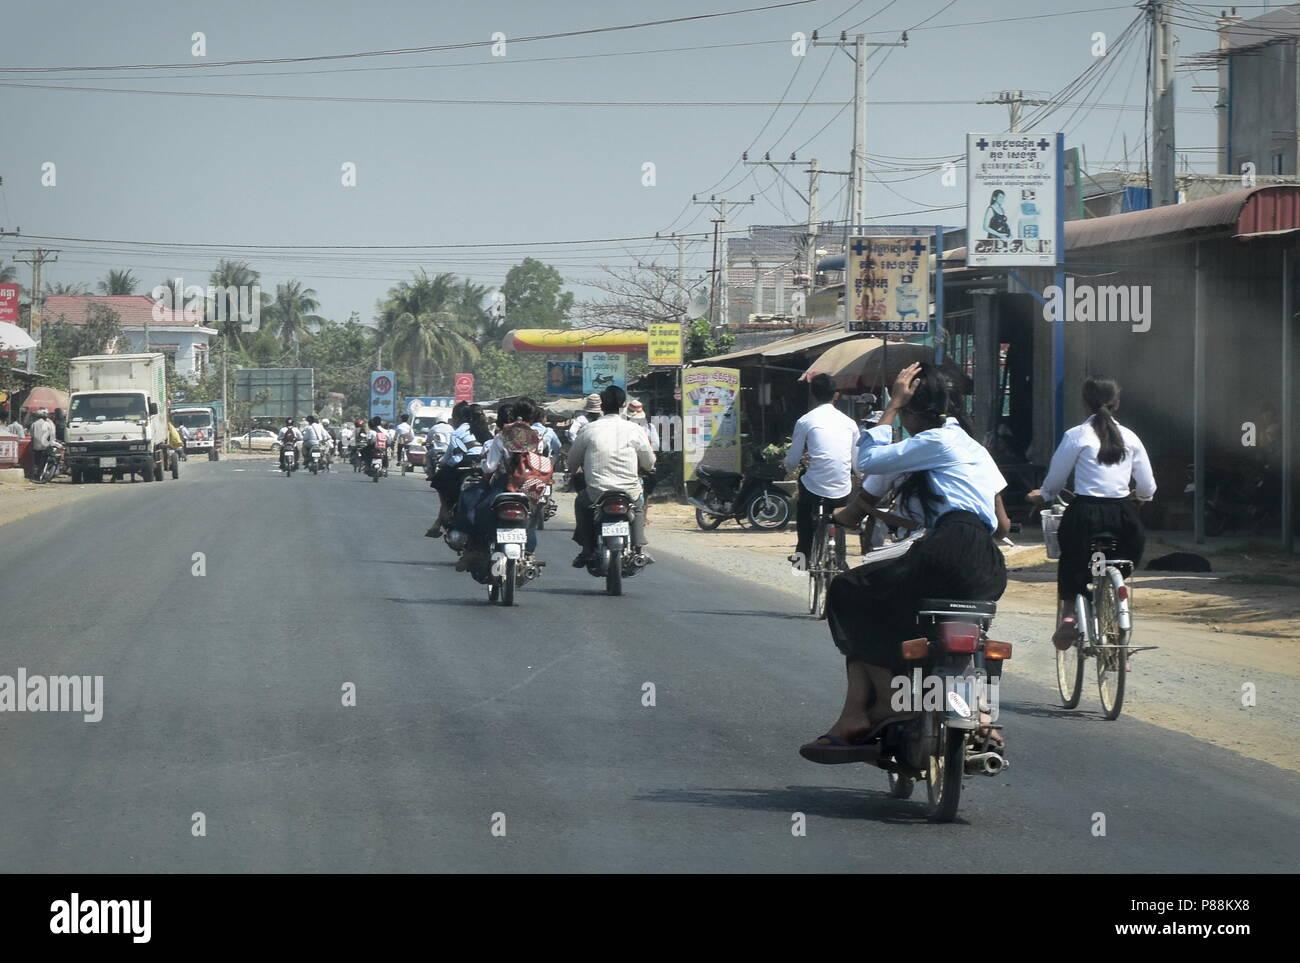 Las zonas rurales de Camboya escuela estudiantes viajan de regreso a casa con las bicicletas y motocicletas en la vía pública Foto de stock